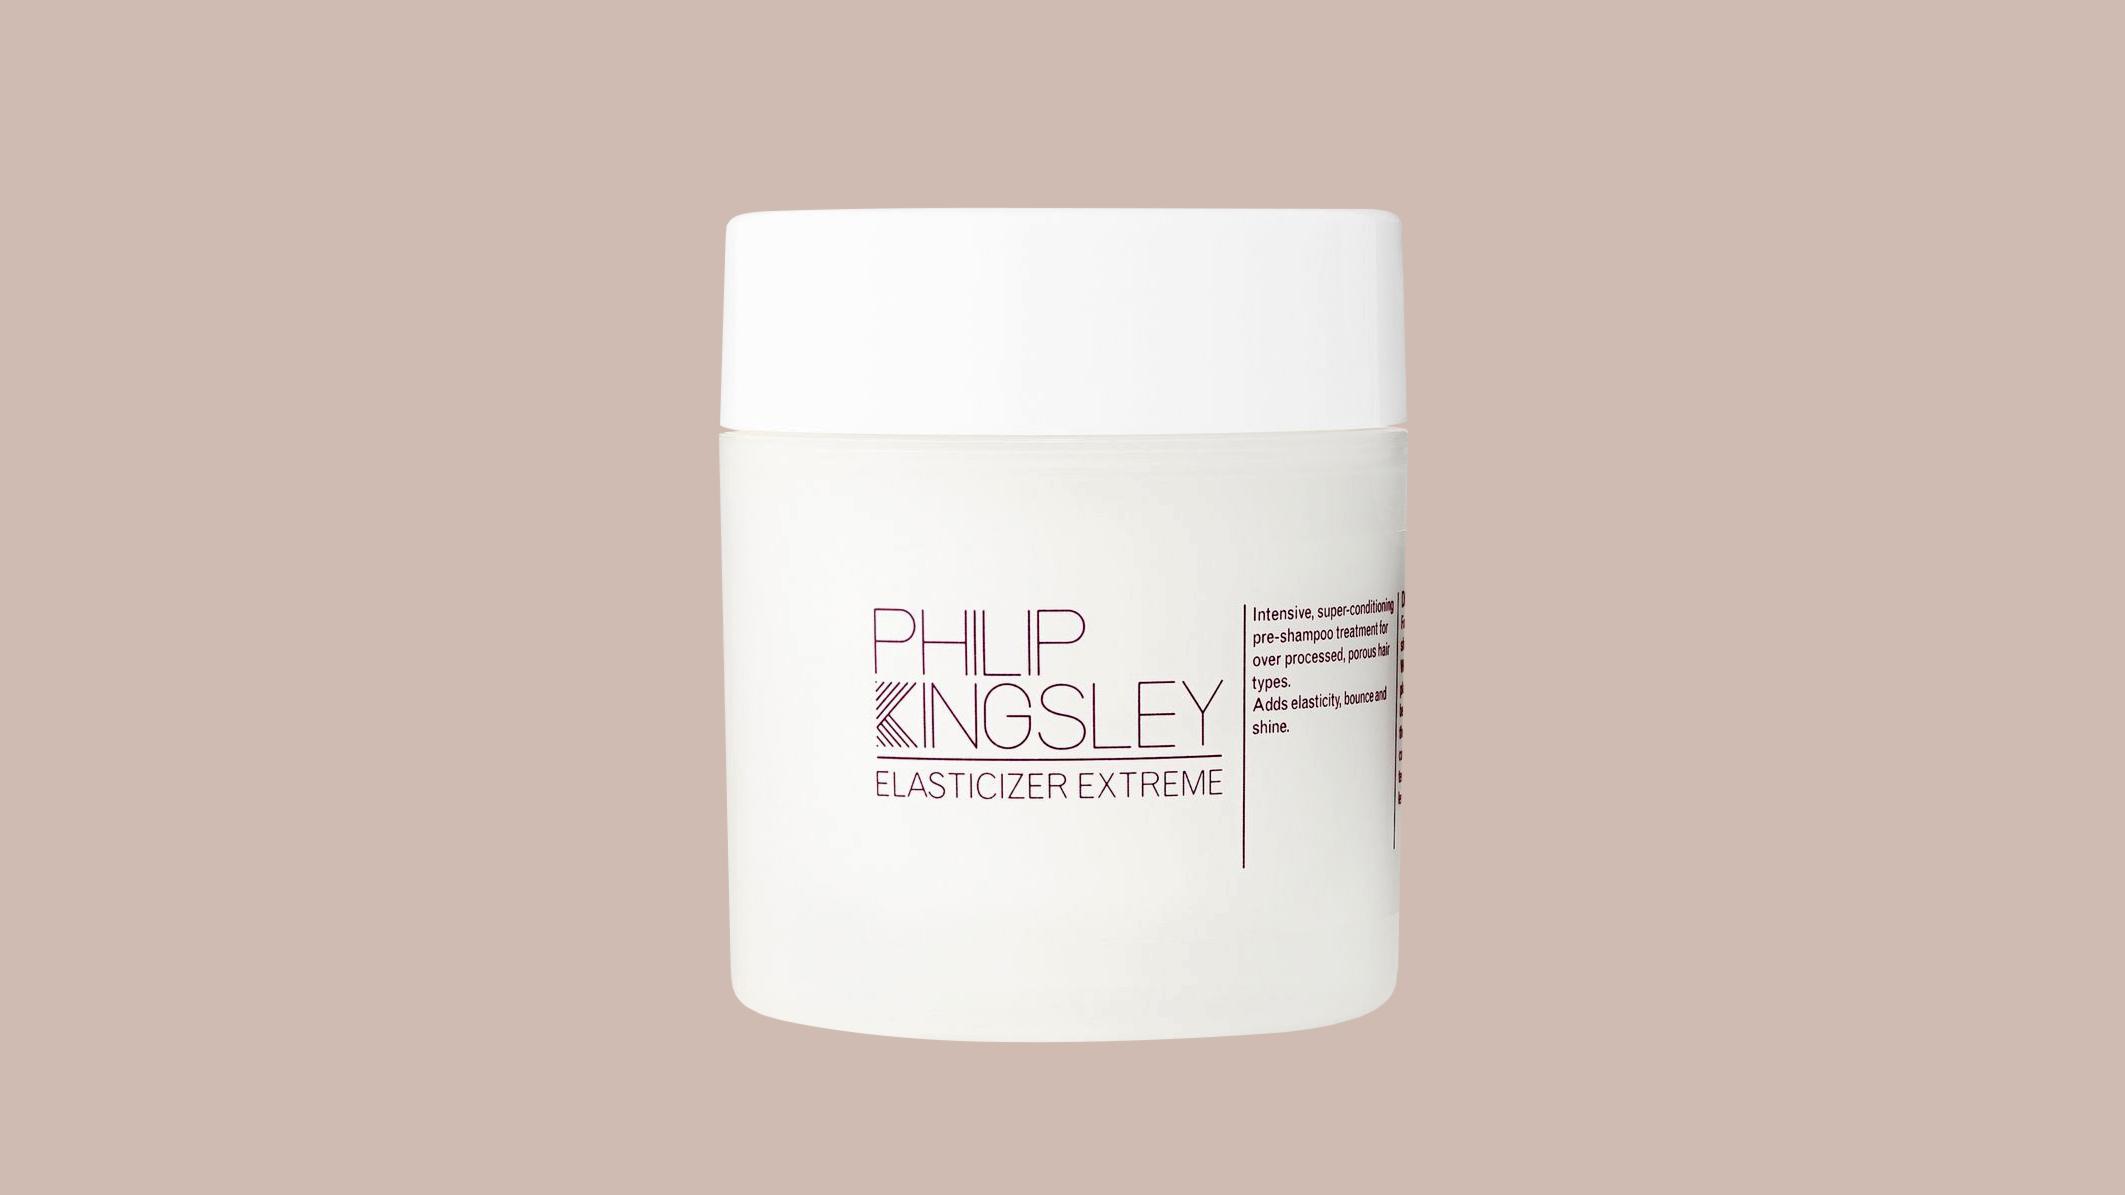 Philip Kingsley Elasticizer Extreme Hair Mask